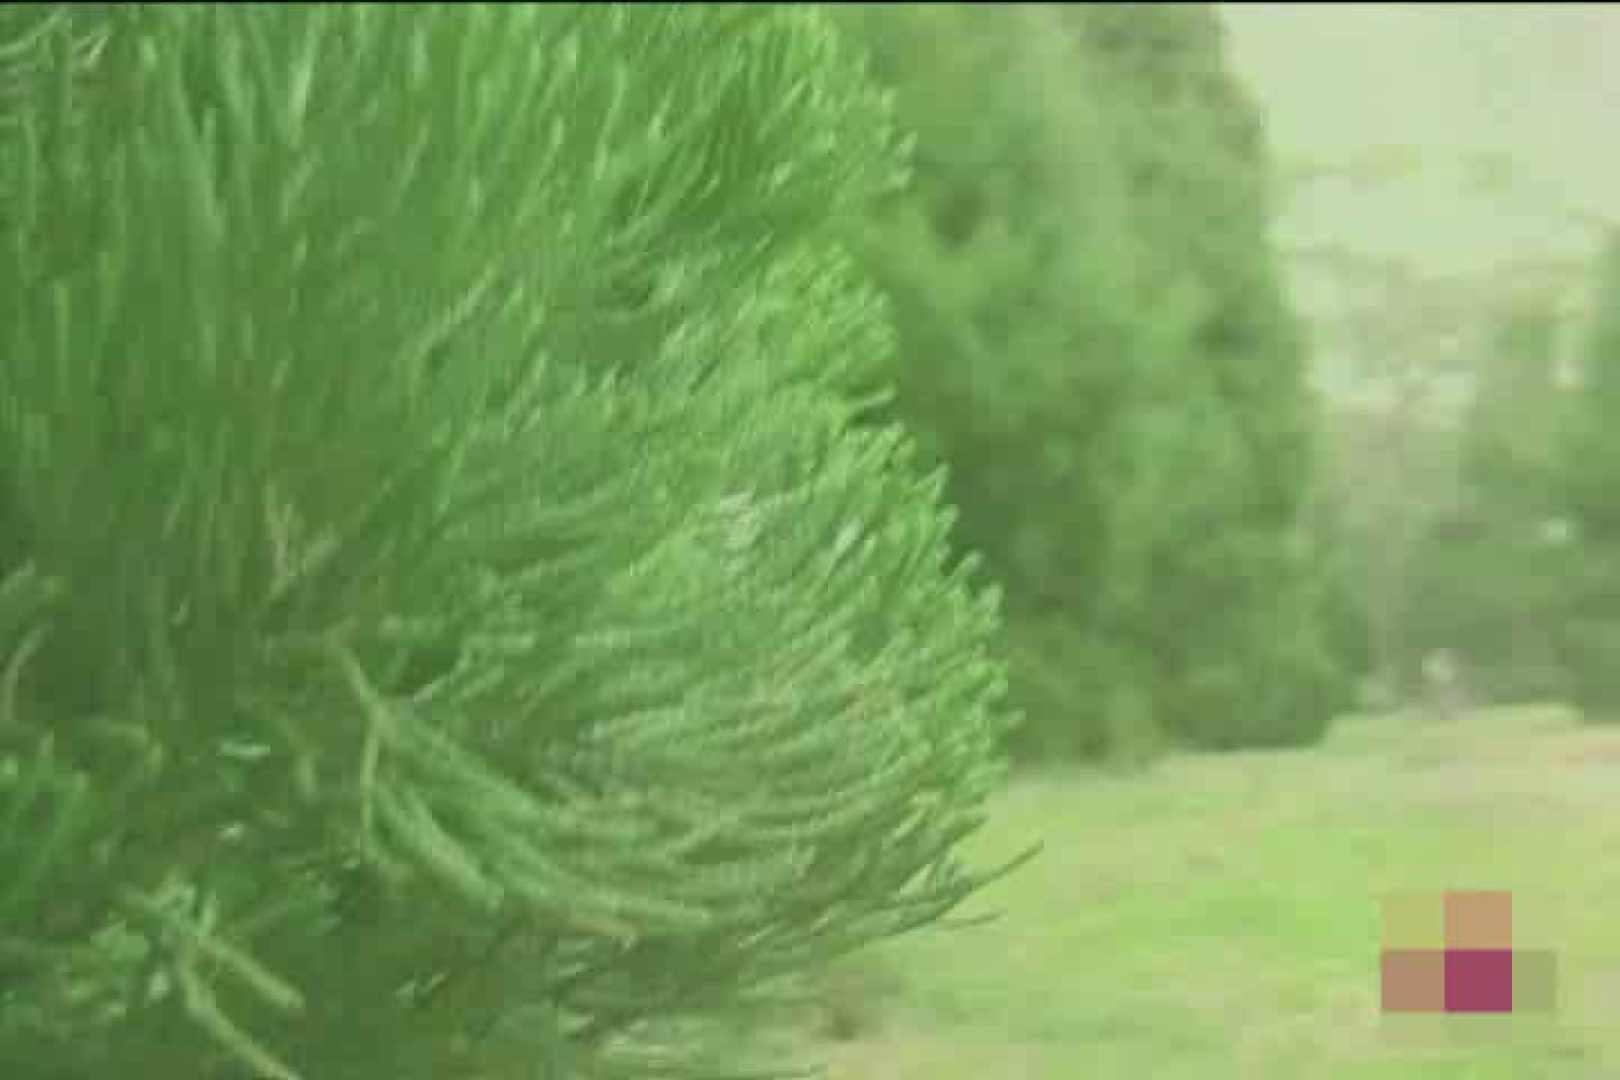 検証!隠し撮りスカートめくり!!Vol.9 ワルノリ オマンコ動画キャプチャ 69画像 53